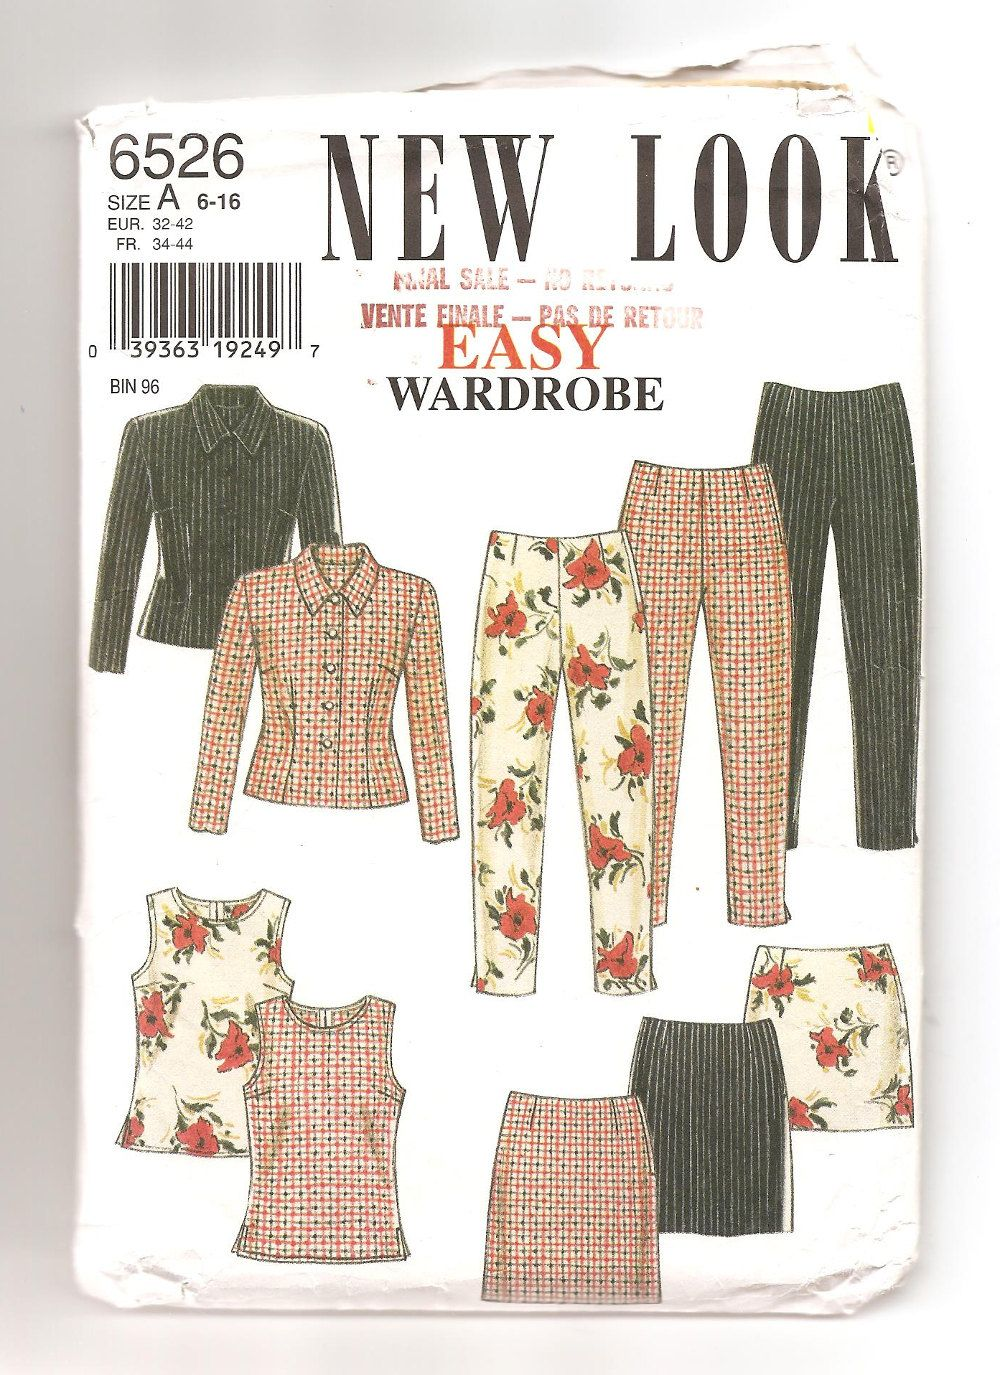 Patron New Look 6526 Années 1990 Easy Wardrobe Garde-robe d'été vêtements femme…